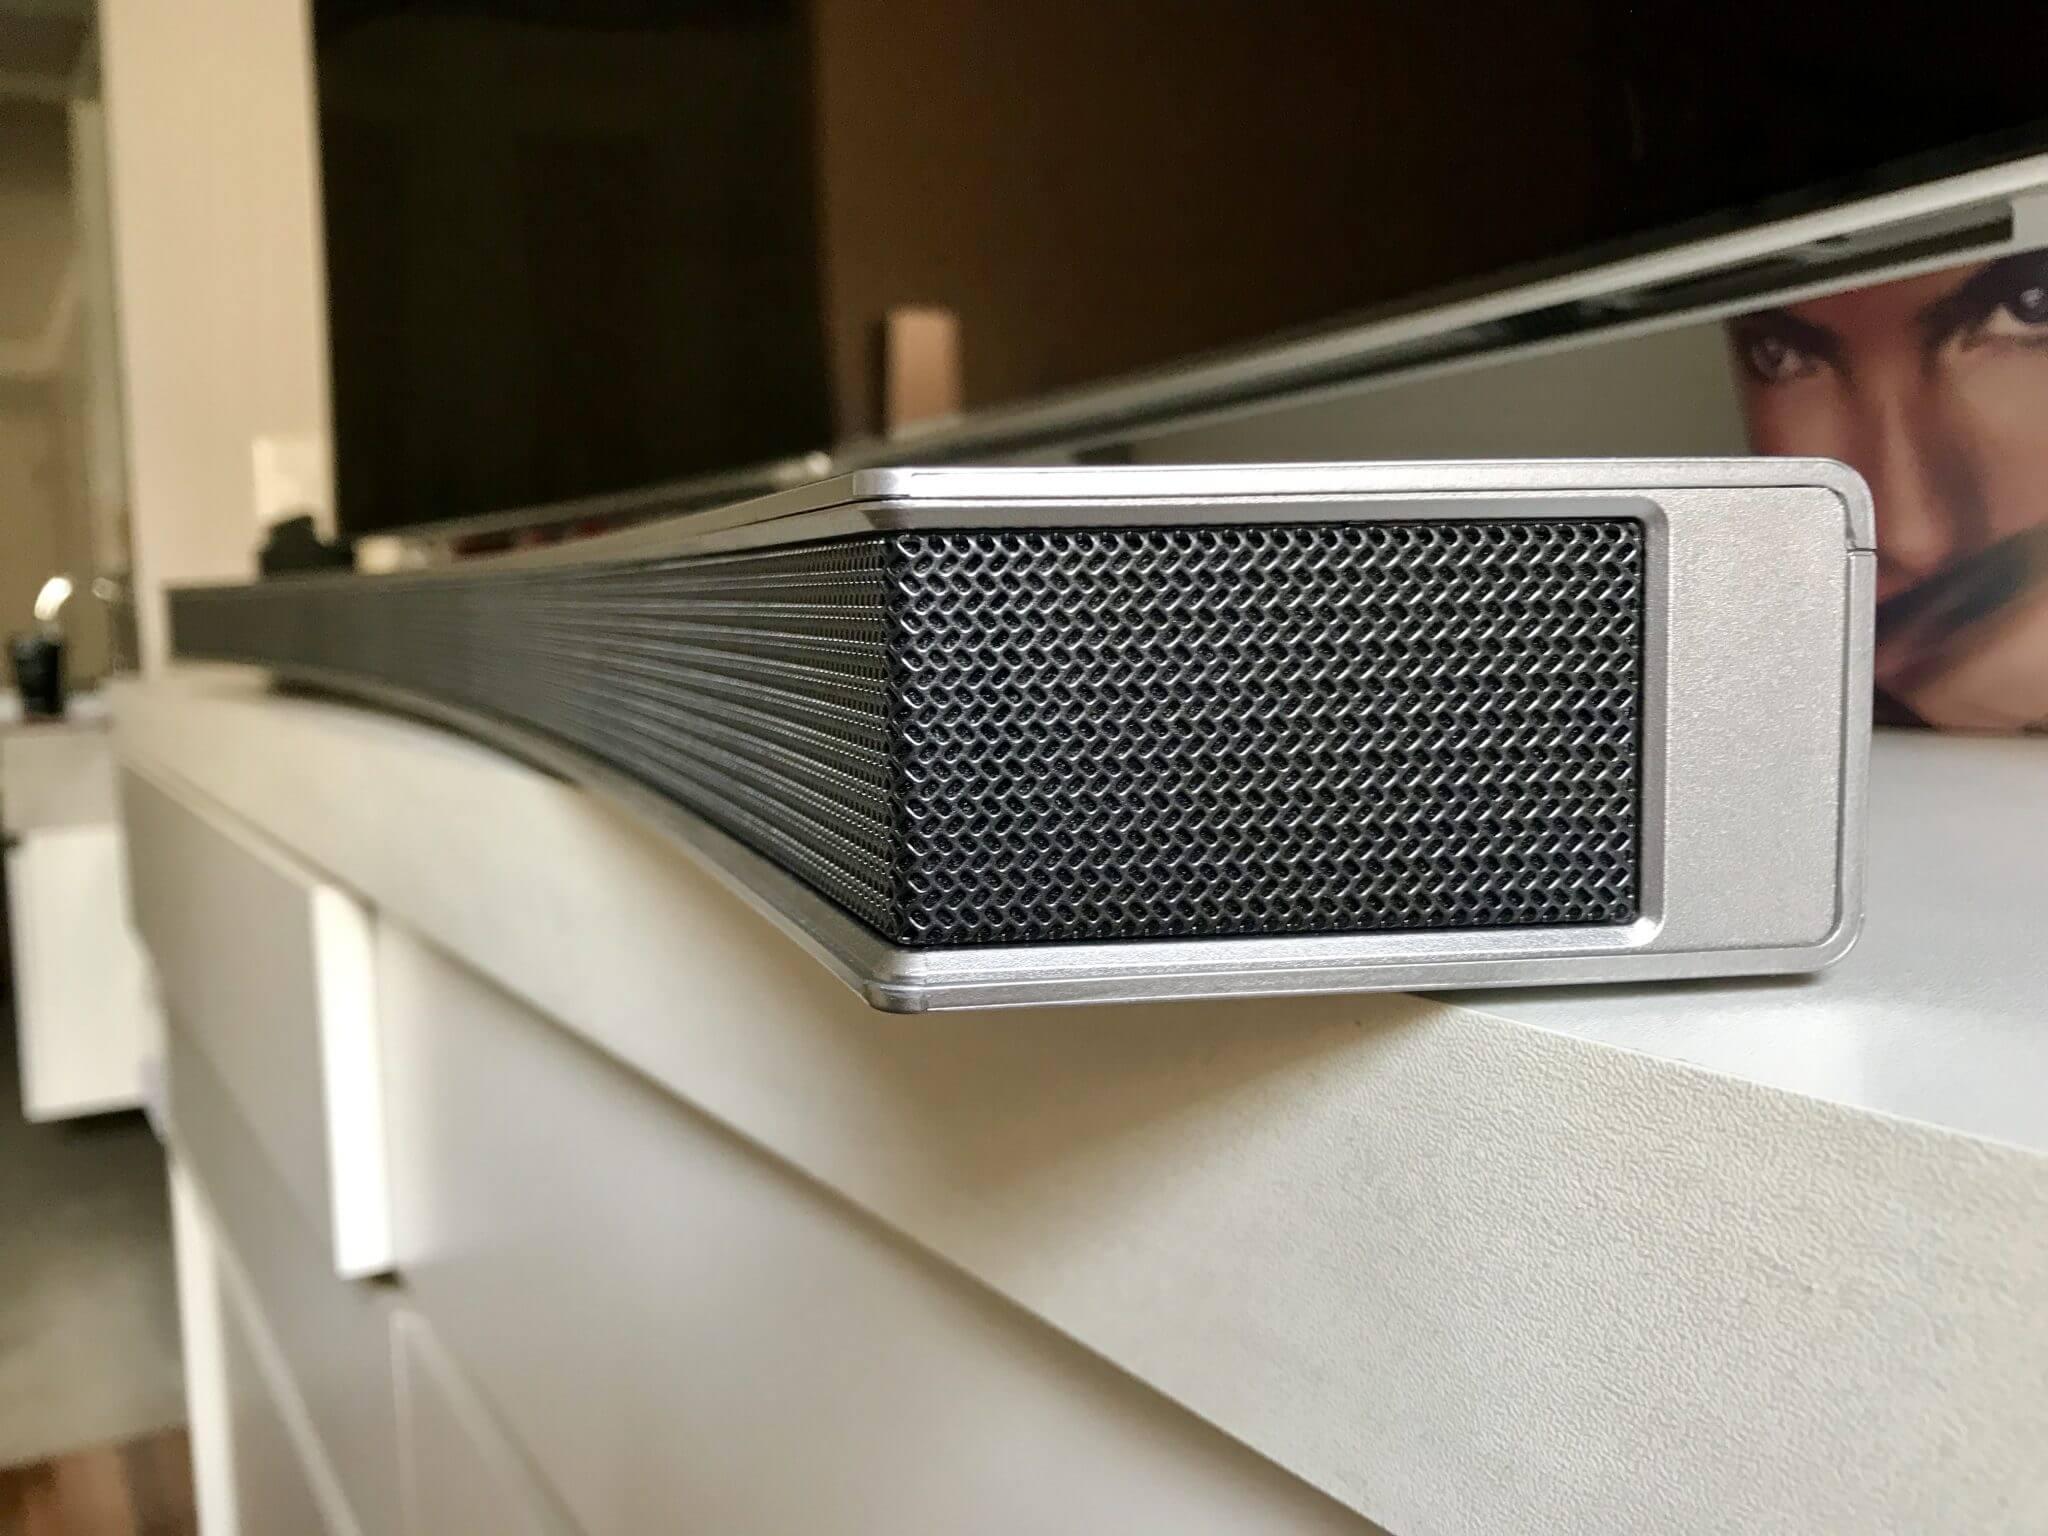 Review: Samsung Soundbar Curvo com Subwoofer sem fio M 4501